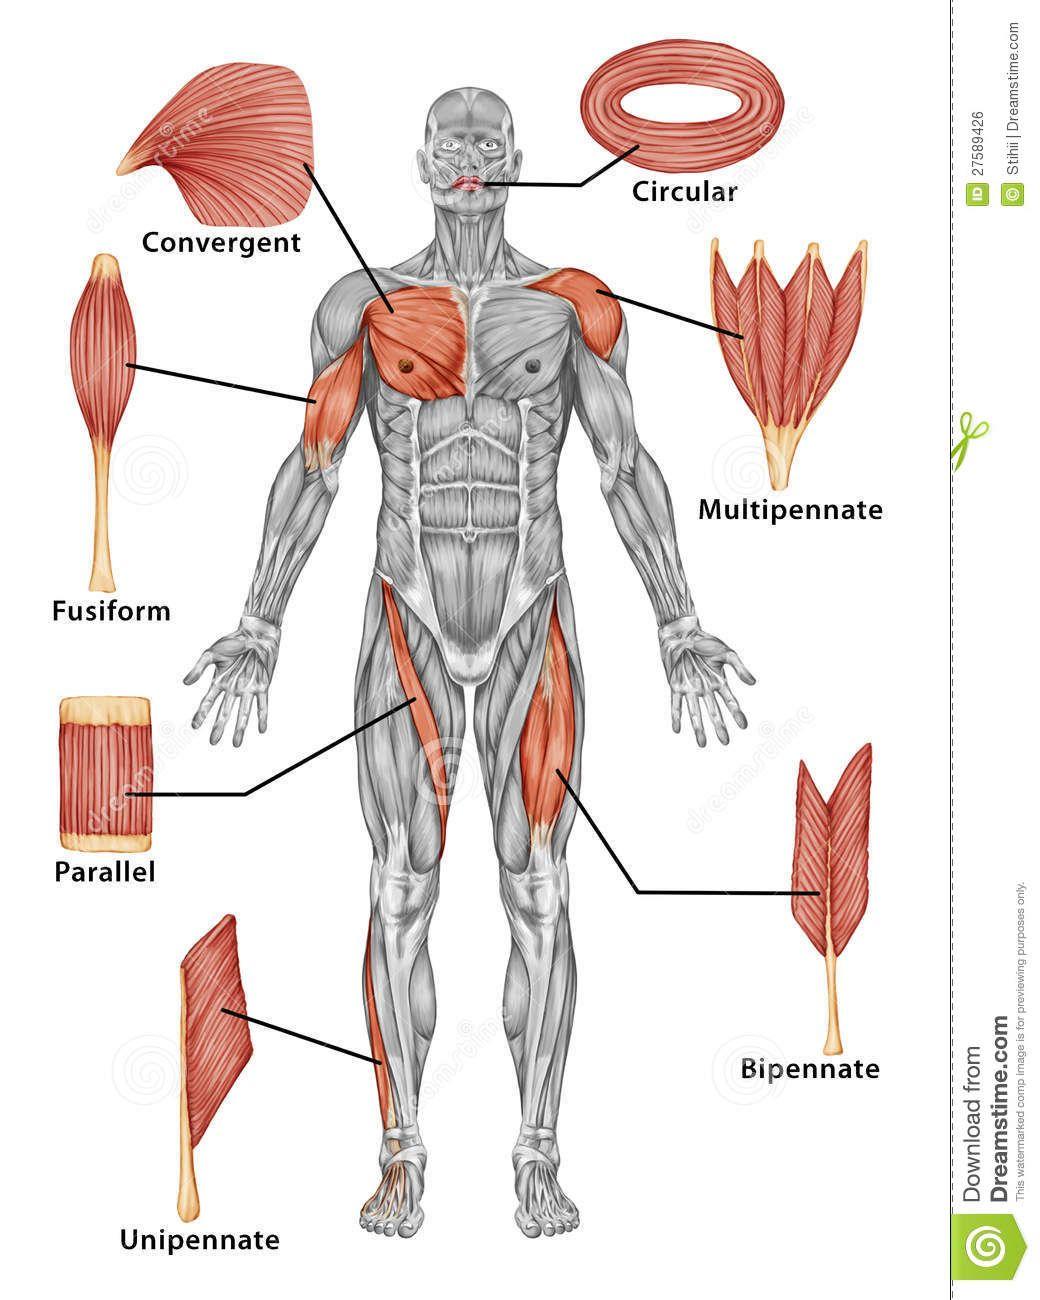 Anatomia Anatomia Del Esqueleto Anatomia Humana Musculos